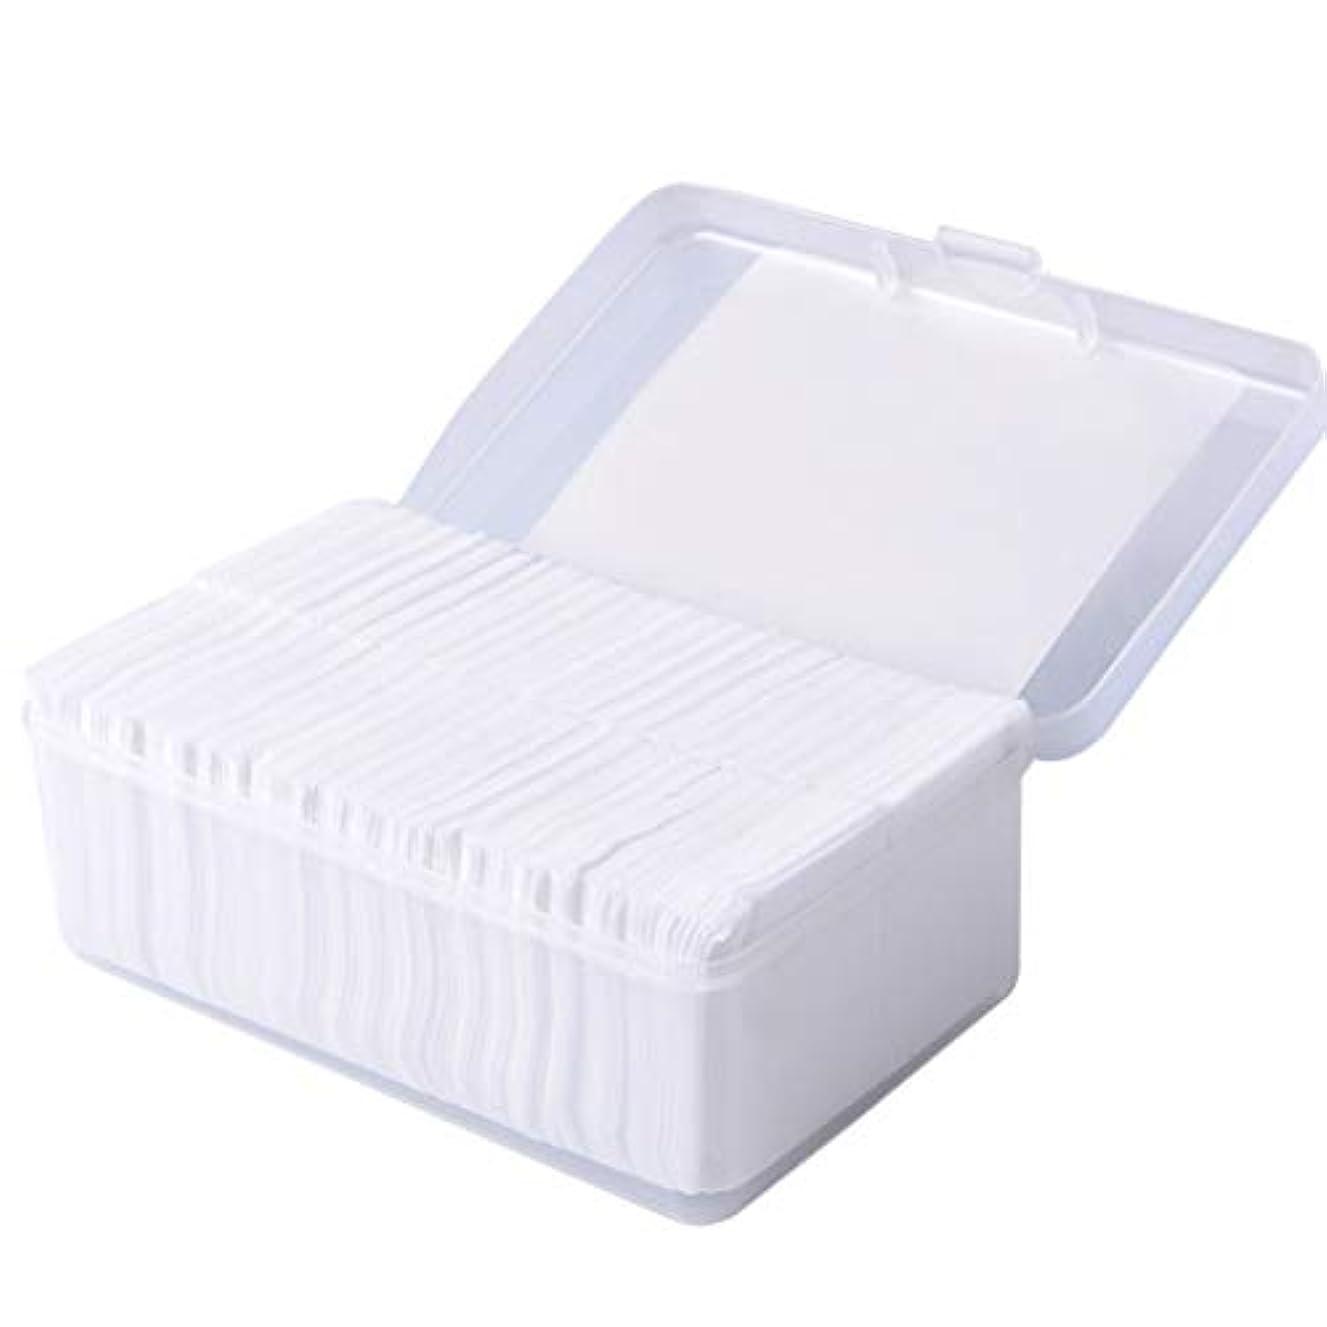 実行する透けるパートナークレンジングシート 1000ピースコットンパッド化粧コットンワイプソフトメイク落としパッドフェイシャルクレンジングペーパーワイプスキンケアリムーバー (Color : White)